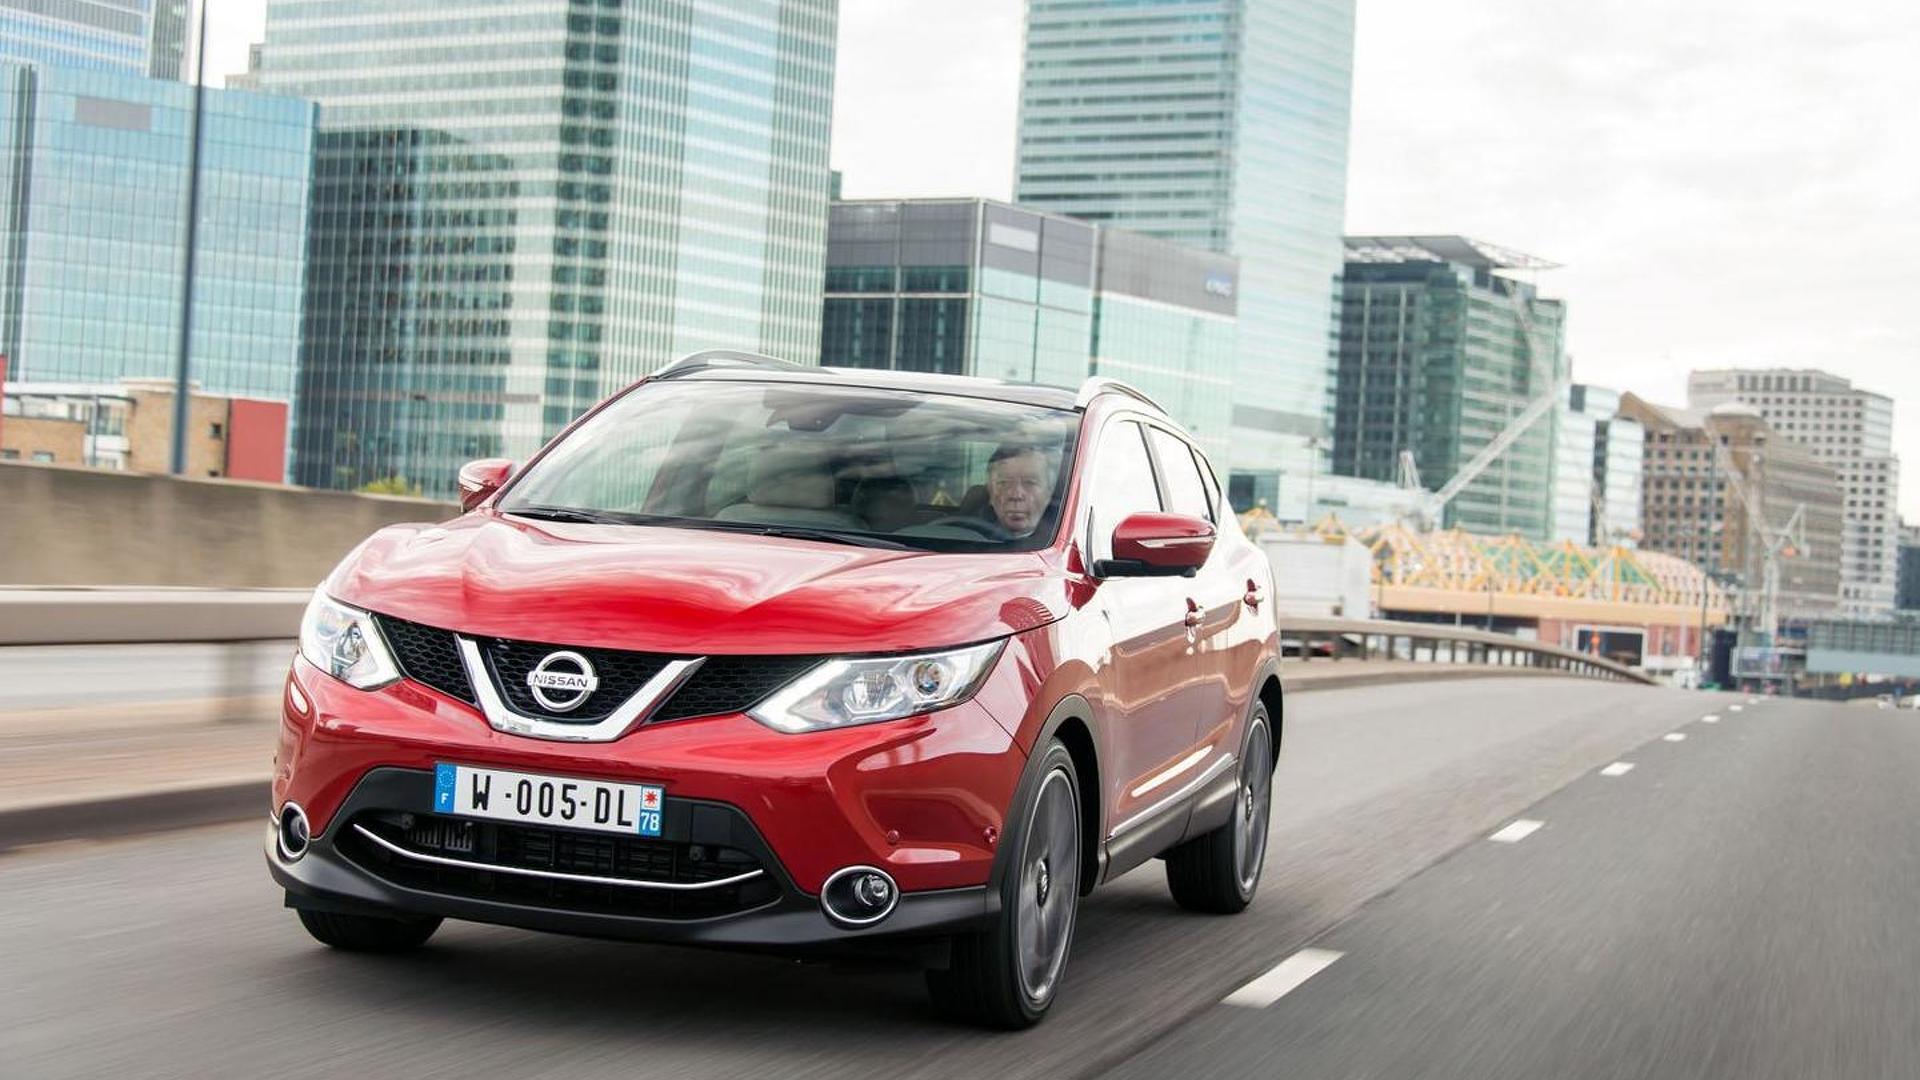 2014 Nissan Qashqai Premier Limited Edition announced